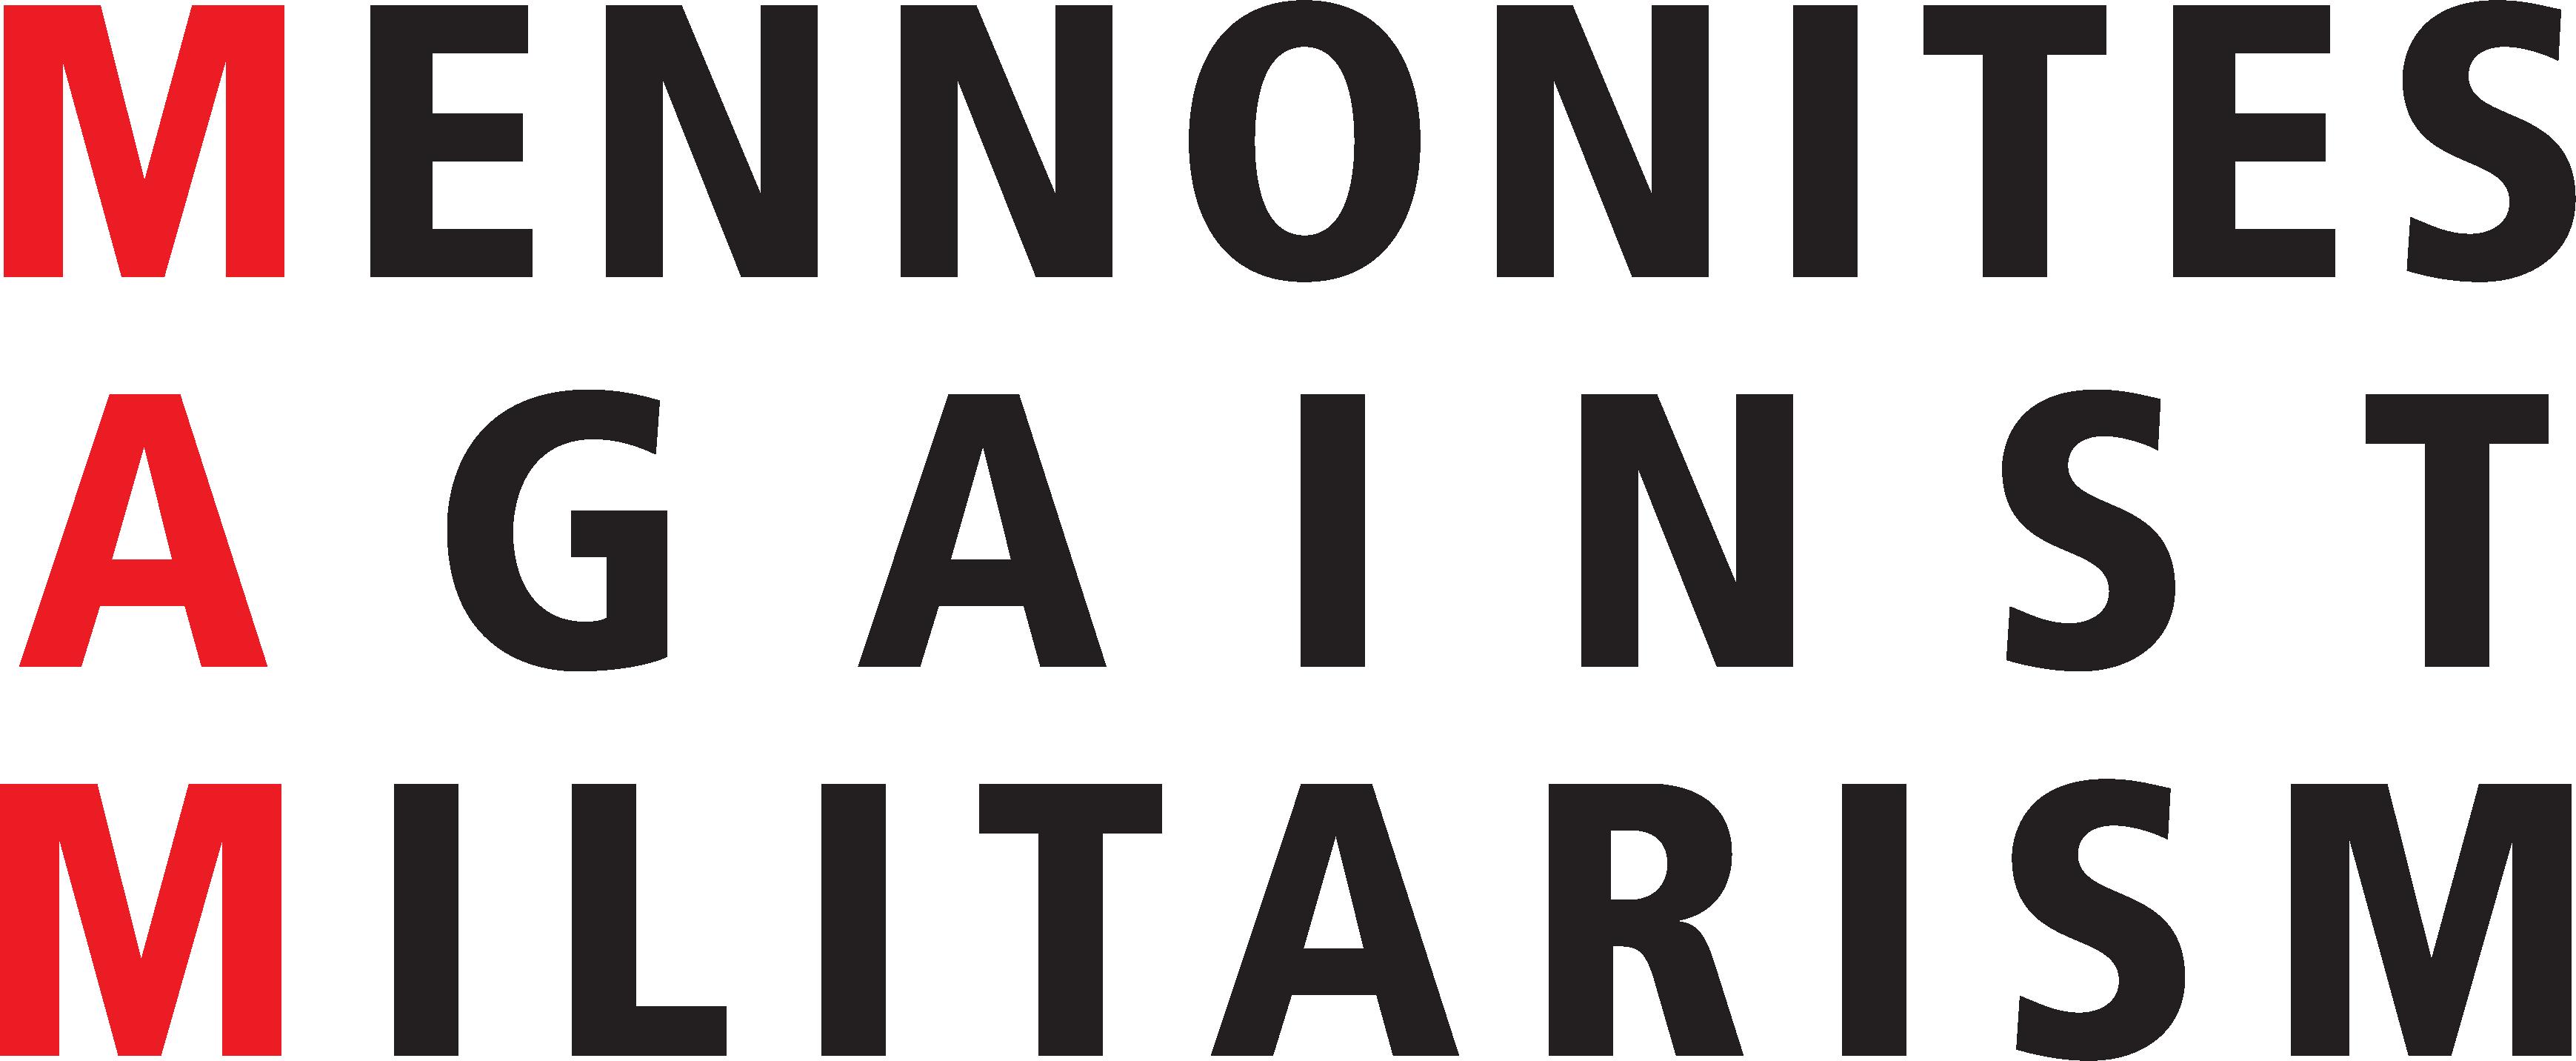 Mennonites Against Militarism